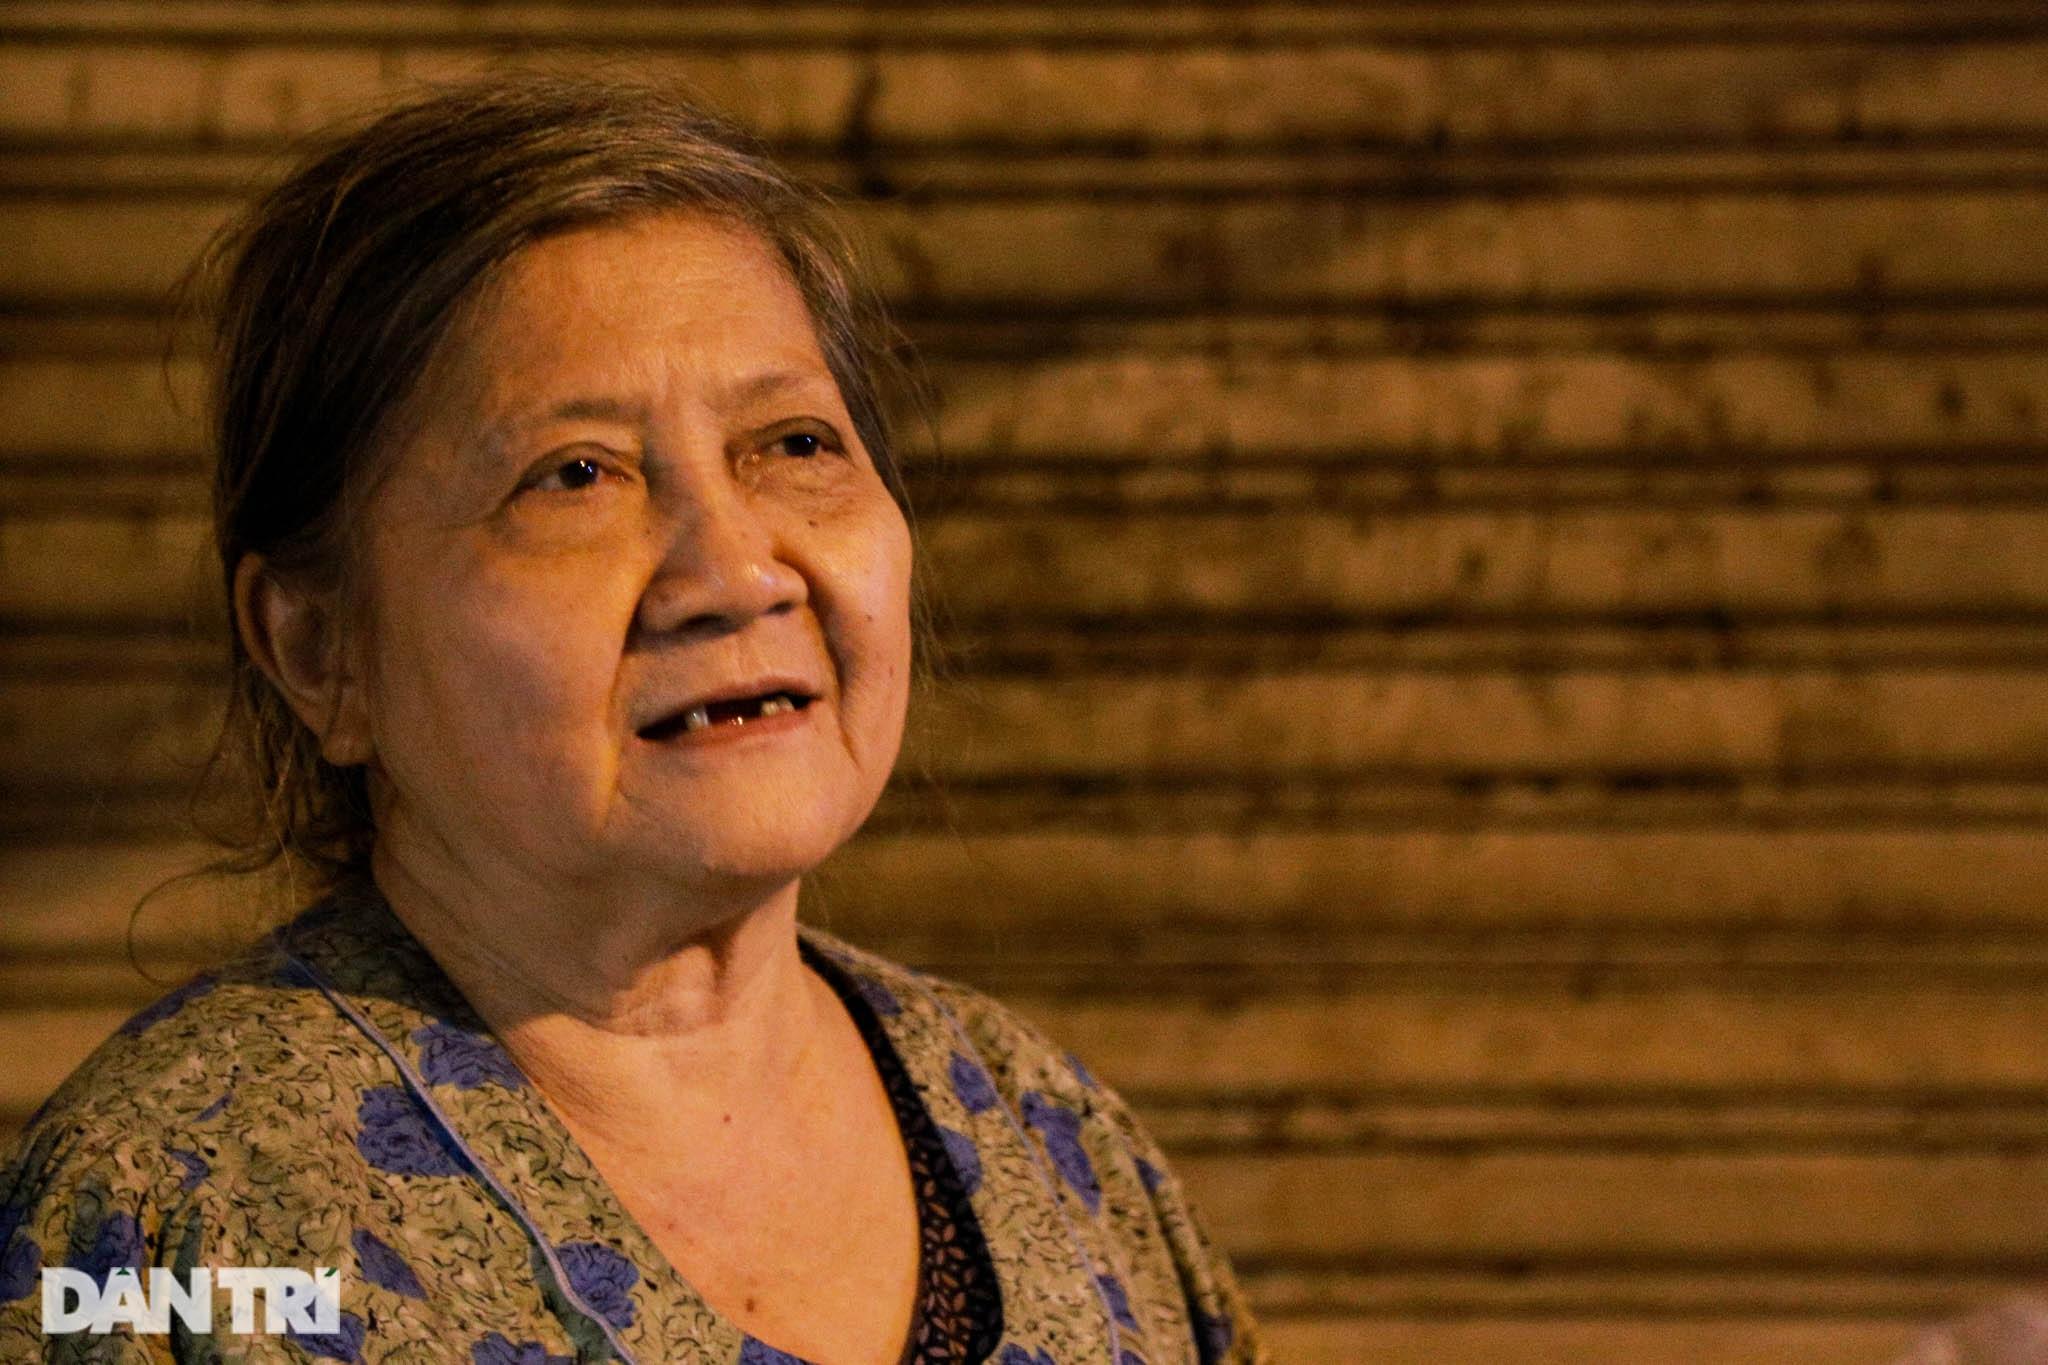 Cụ bà 71 tuổi bán ốc lúc nửa đêm - 10